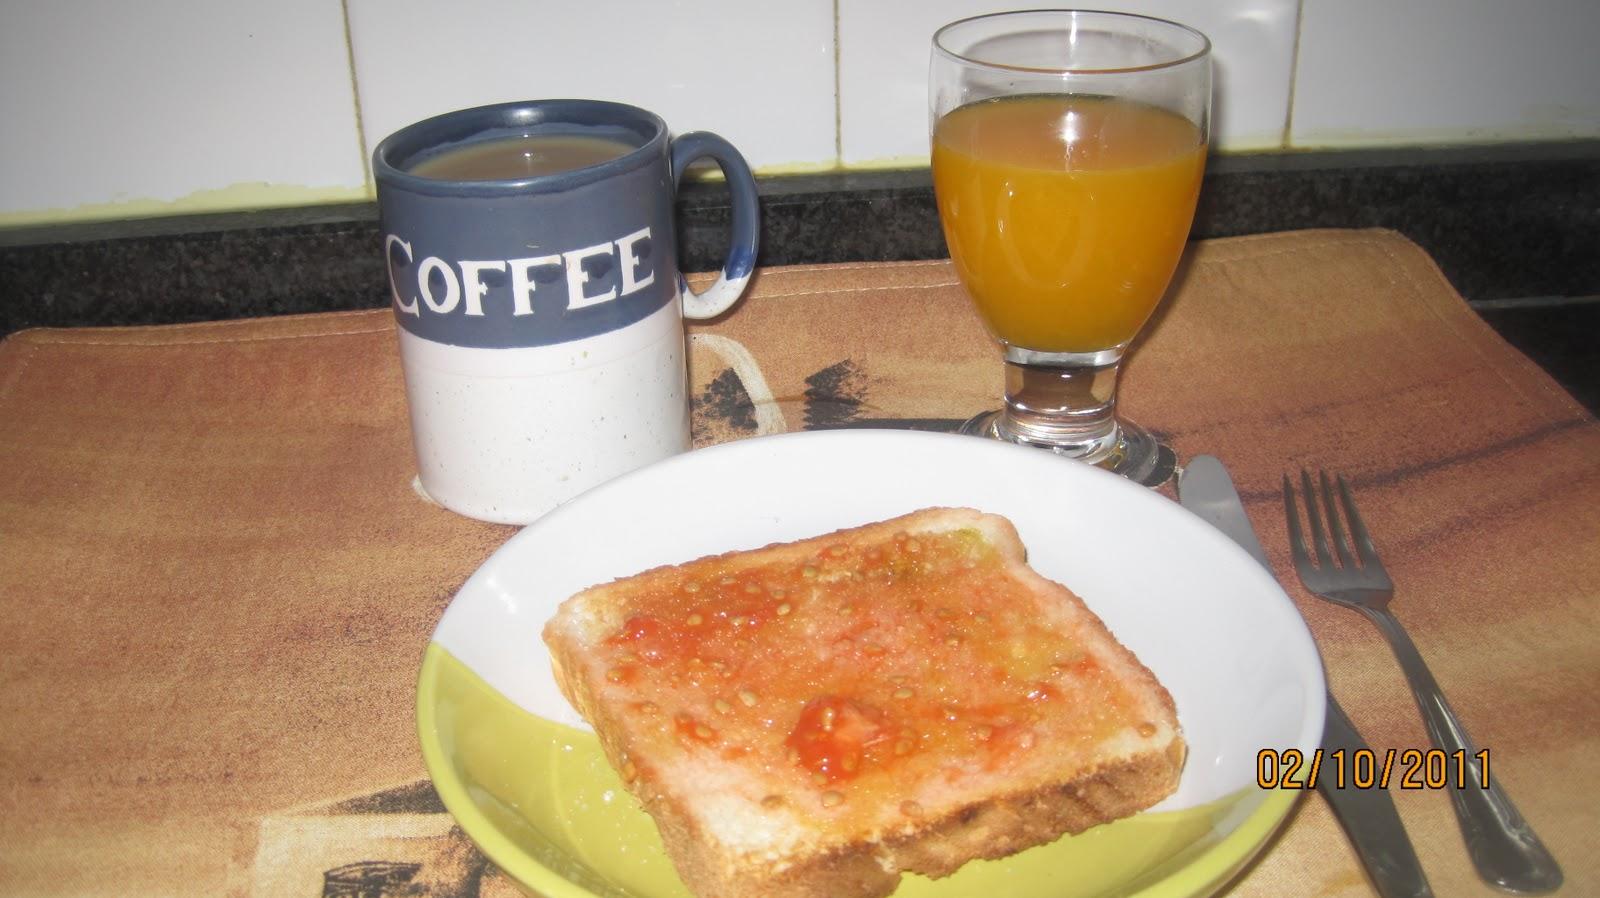 Recetas de cocina casera desayuno dieta elena tojo moure for Recetas cocina casera